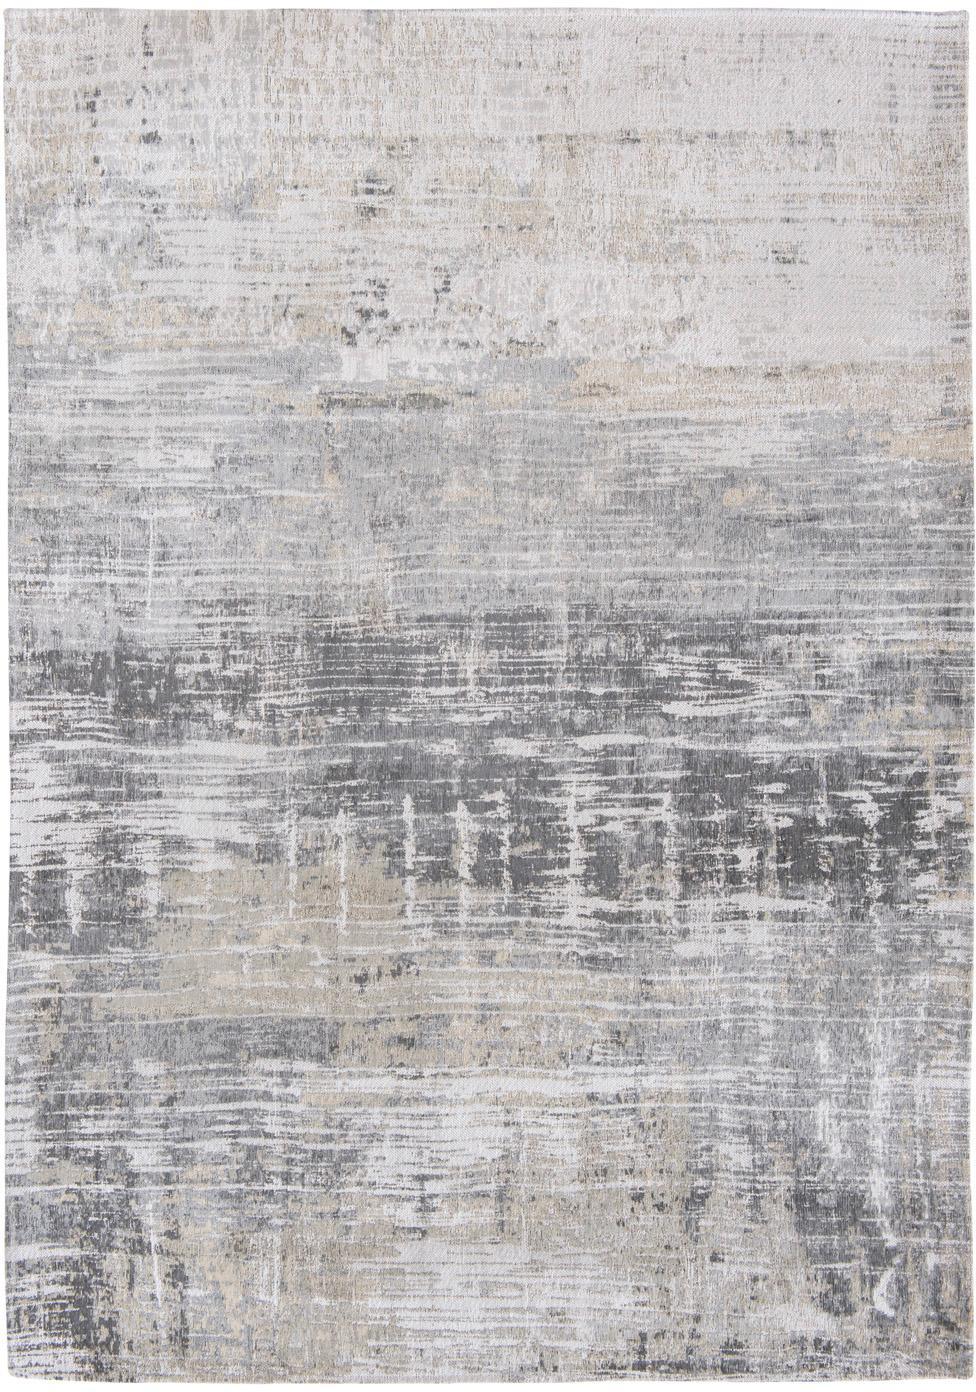 Design vloerkleed Streaks in grijs, Bovenzijde: 85%katoen, 15%hoogglanz, Weeftechniek: jacquard, Onderzijde: katoenmix, gecoat met lat, Grijstinten, 230 x 330 cm